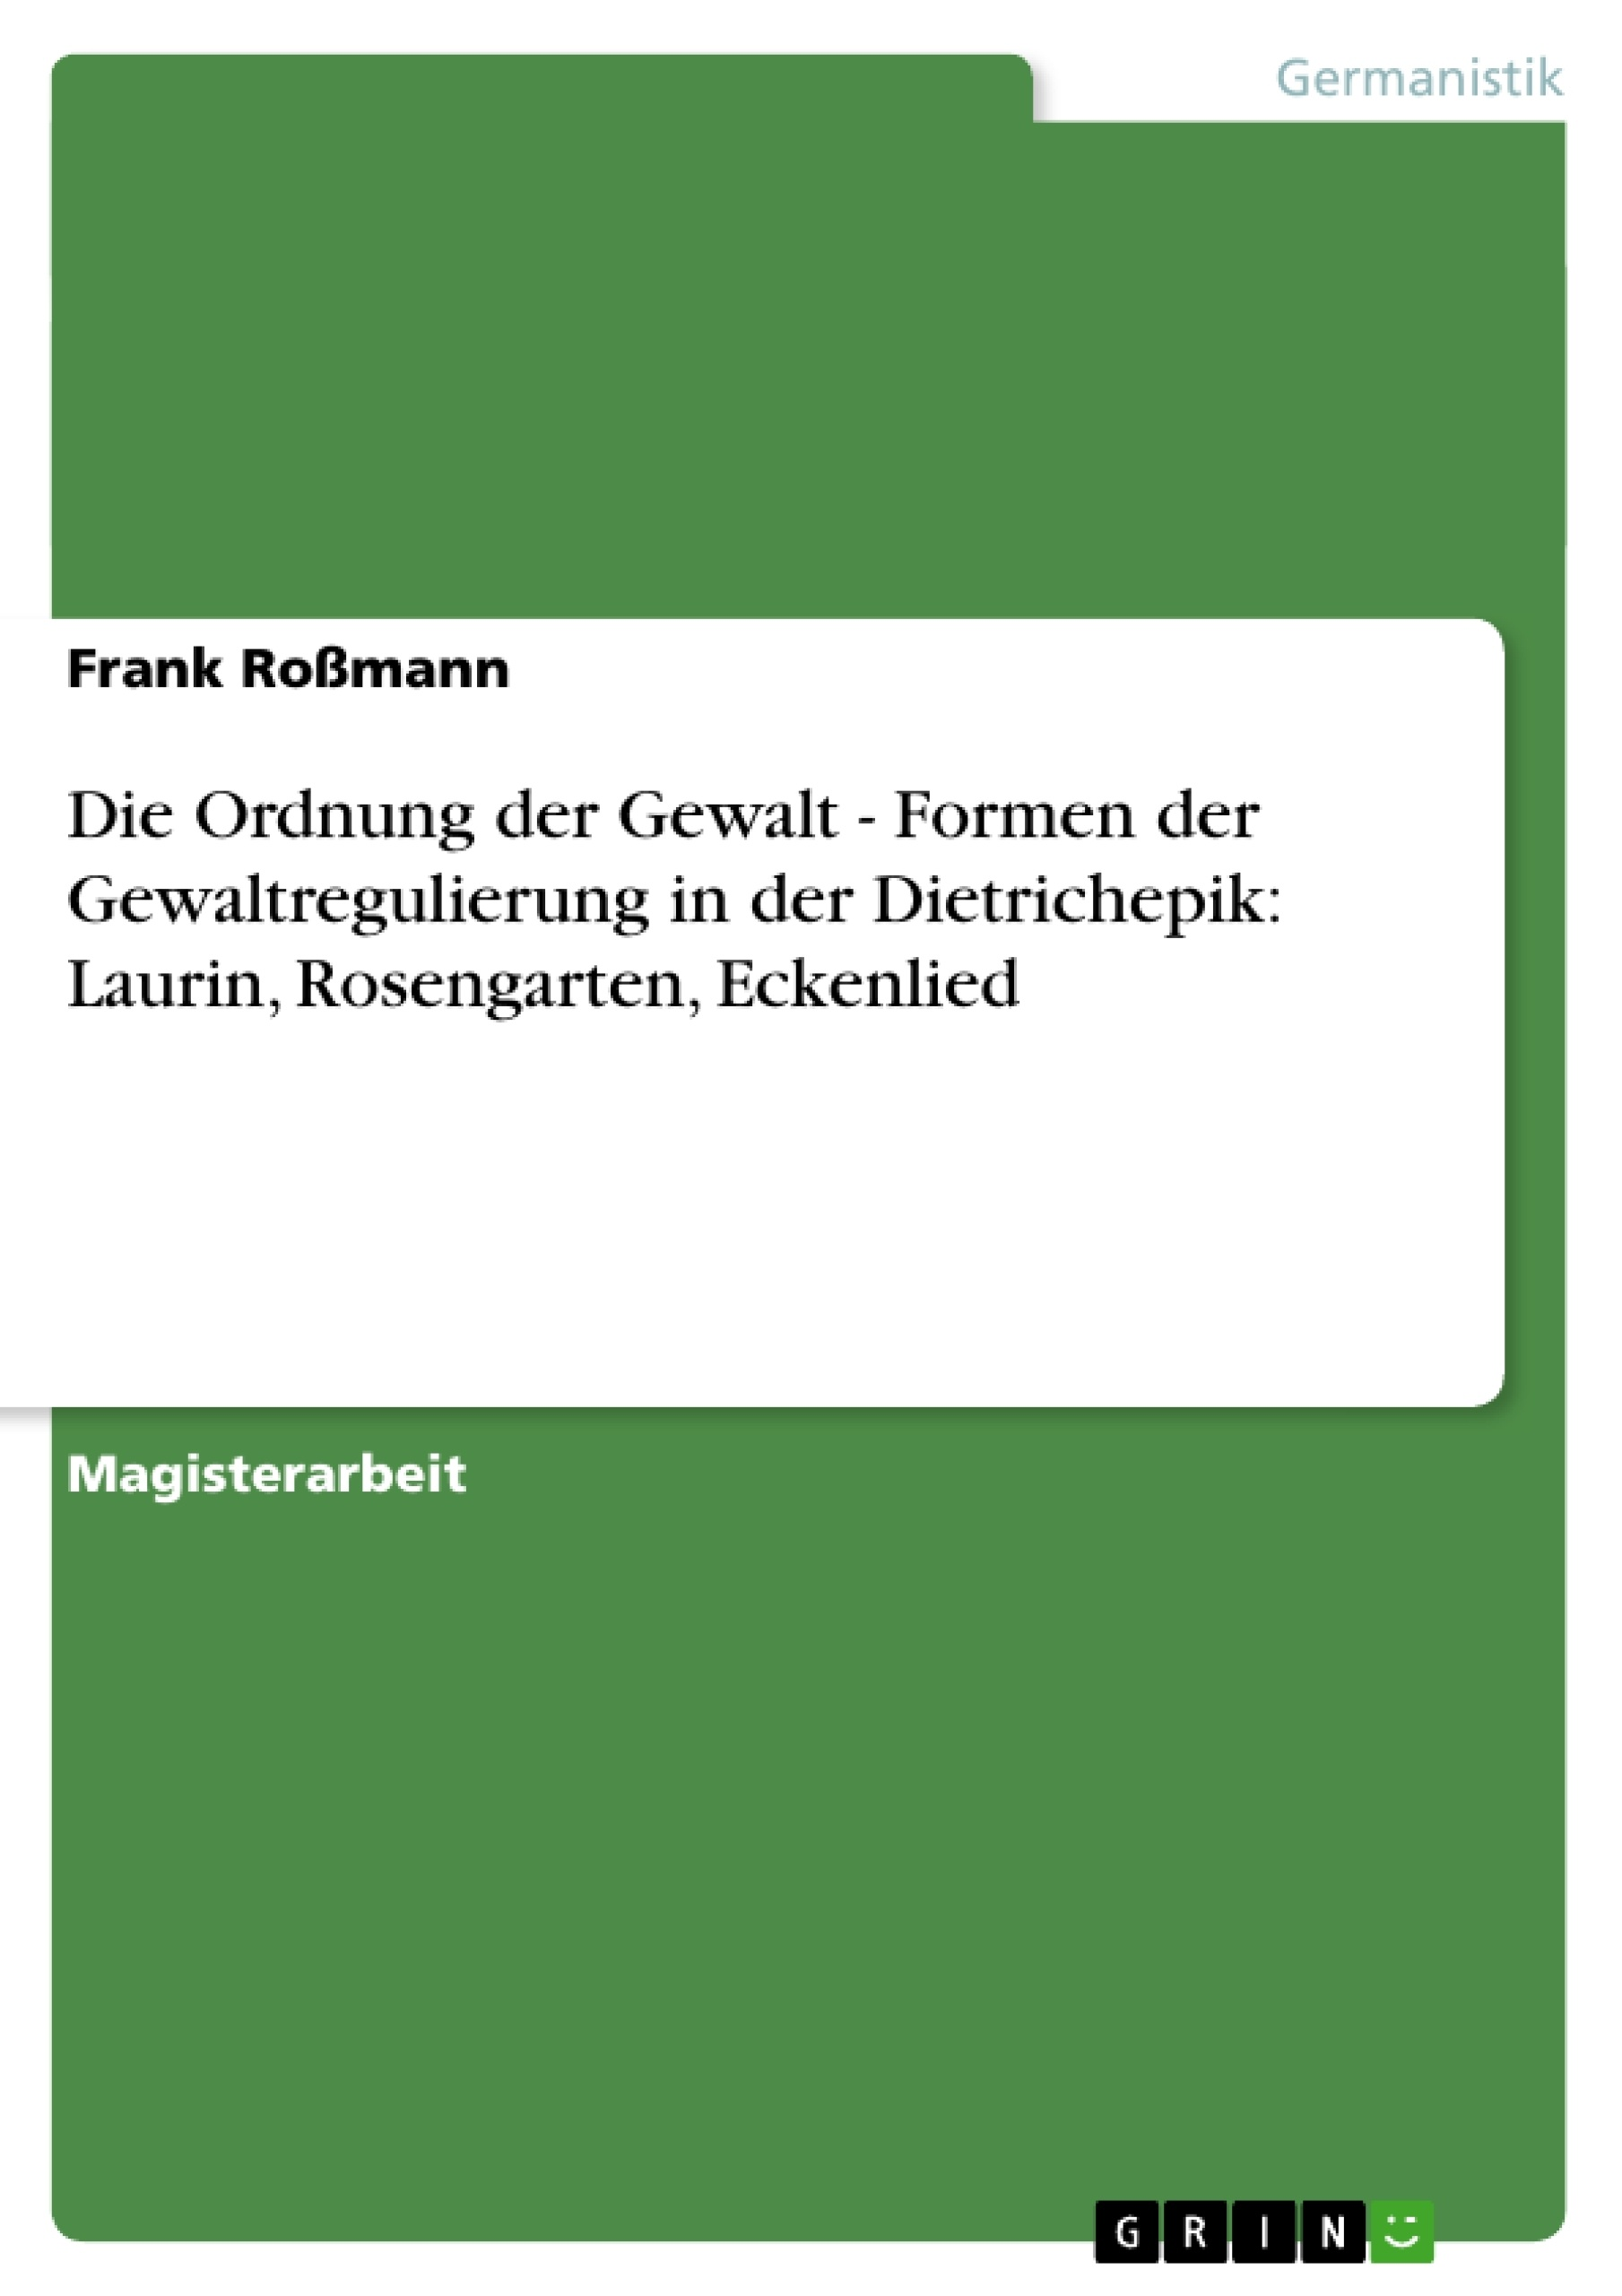 Titel: Die Ordnung der Gewalt - Formen der Gewaltregulierung in der Dietrichepik: Laurin, Rosengarten, Eckenlied